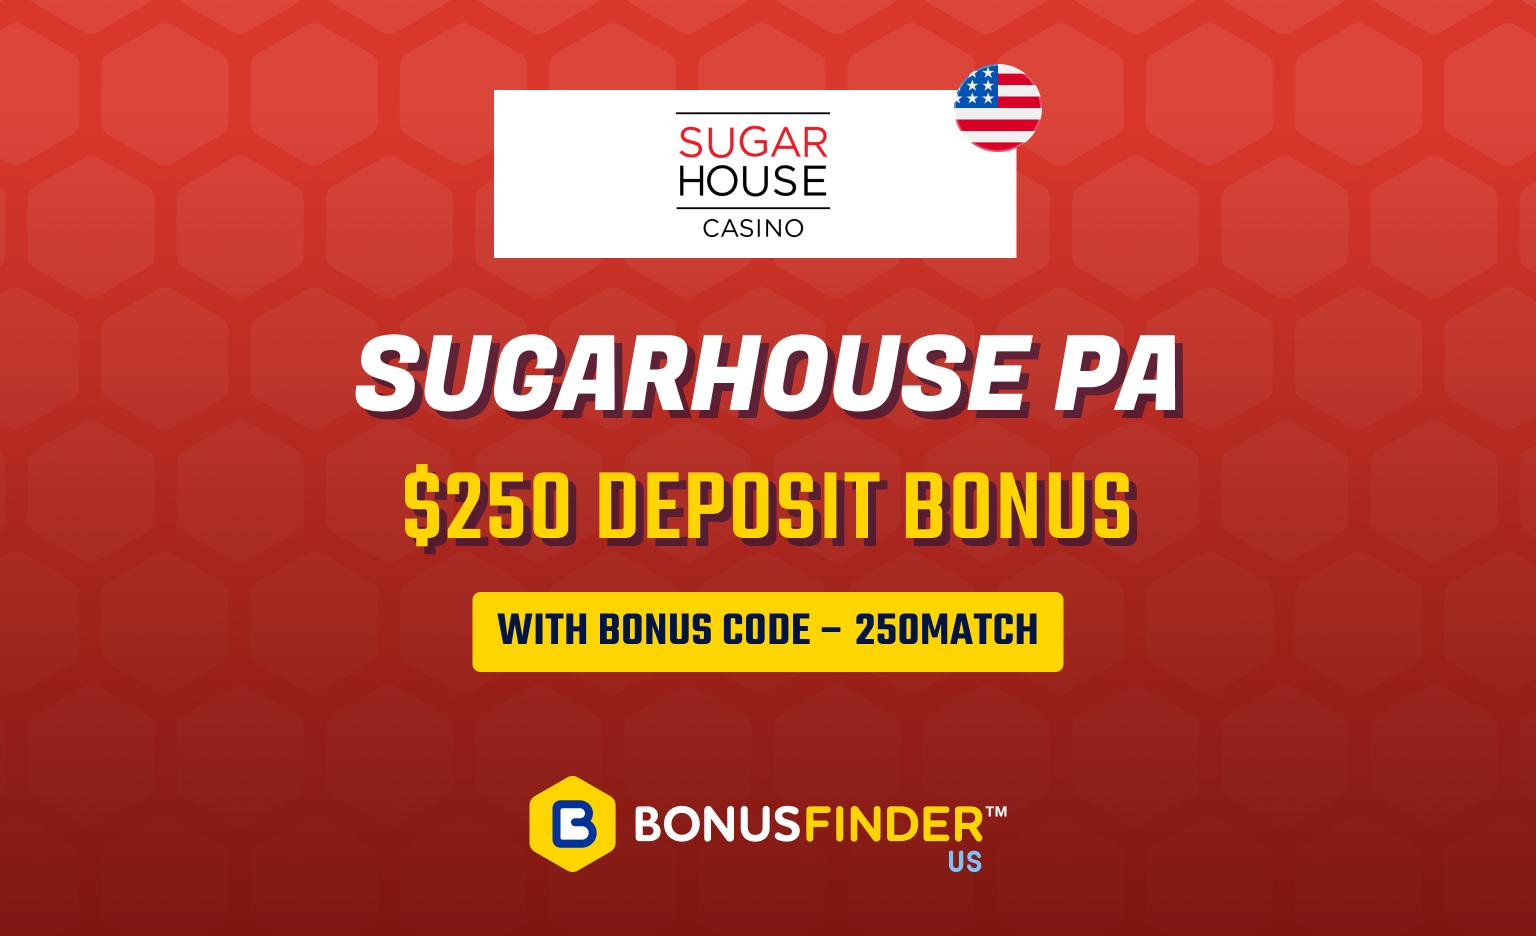 SugarHouse PA